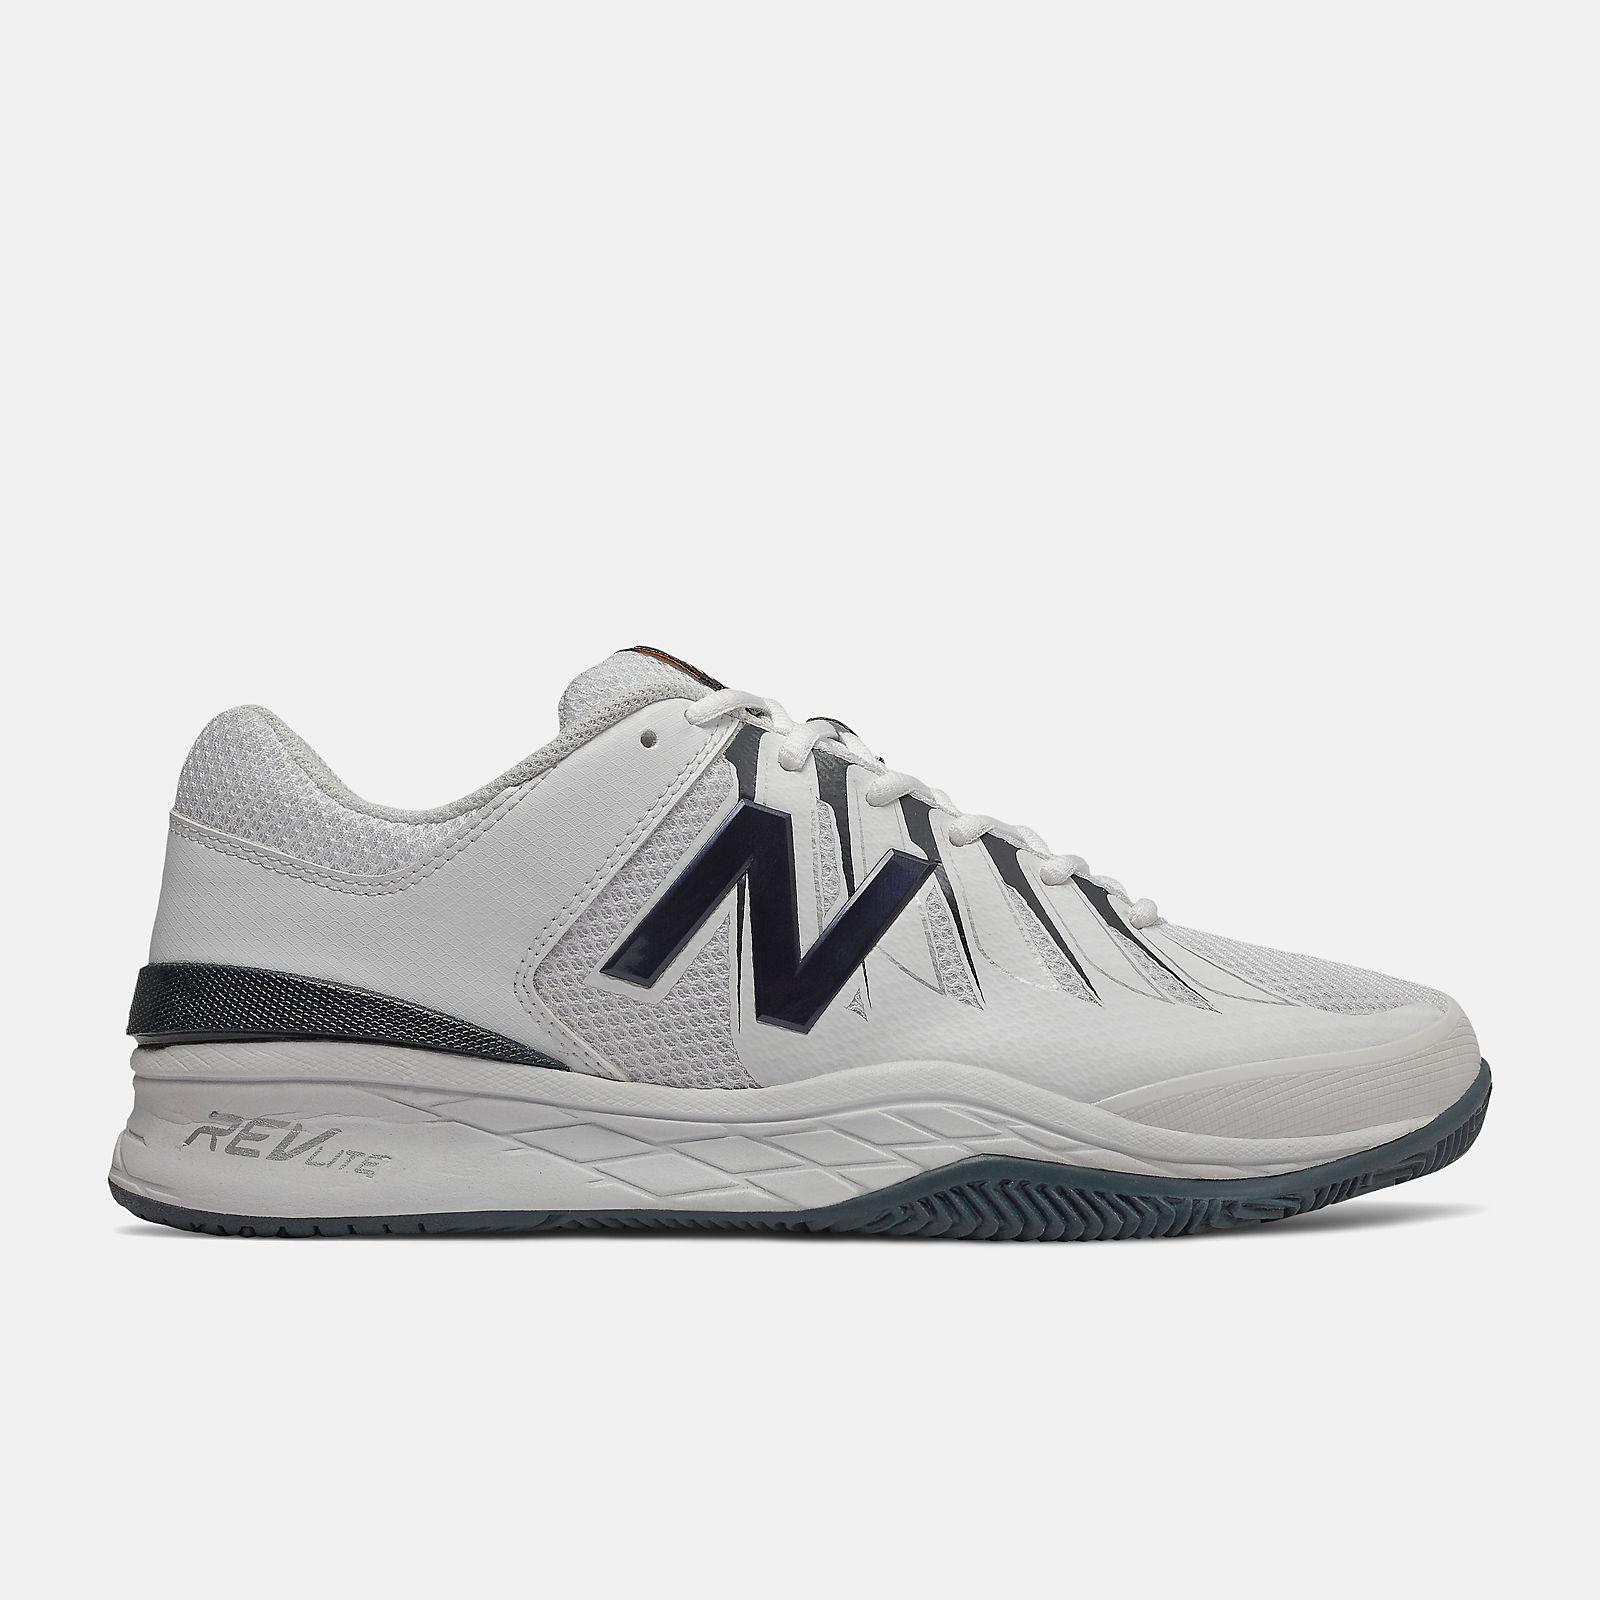 The Best Pickleball Shoes for Men: New Balance Men's 1006 V1 Tennis Shoe